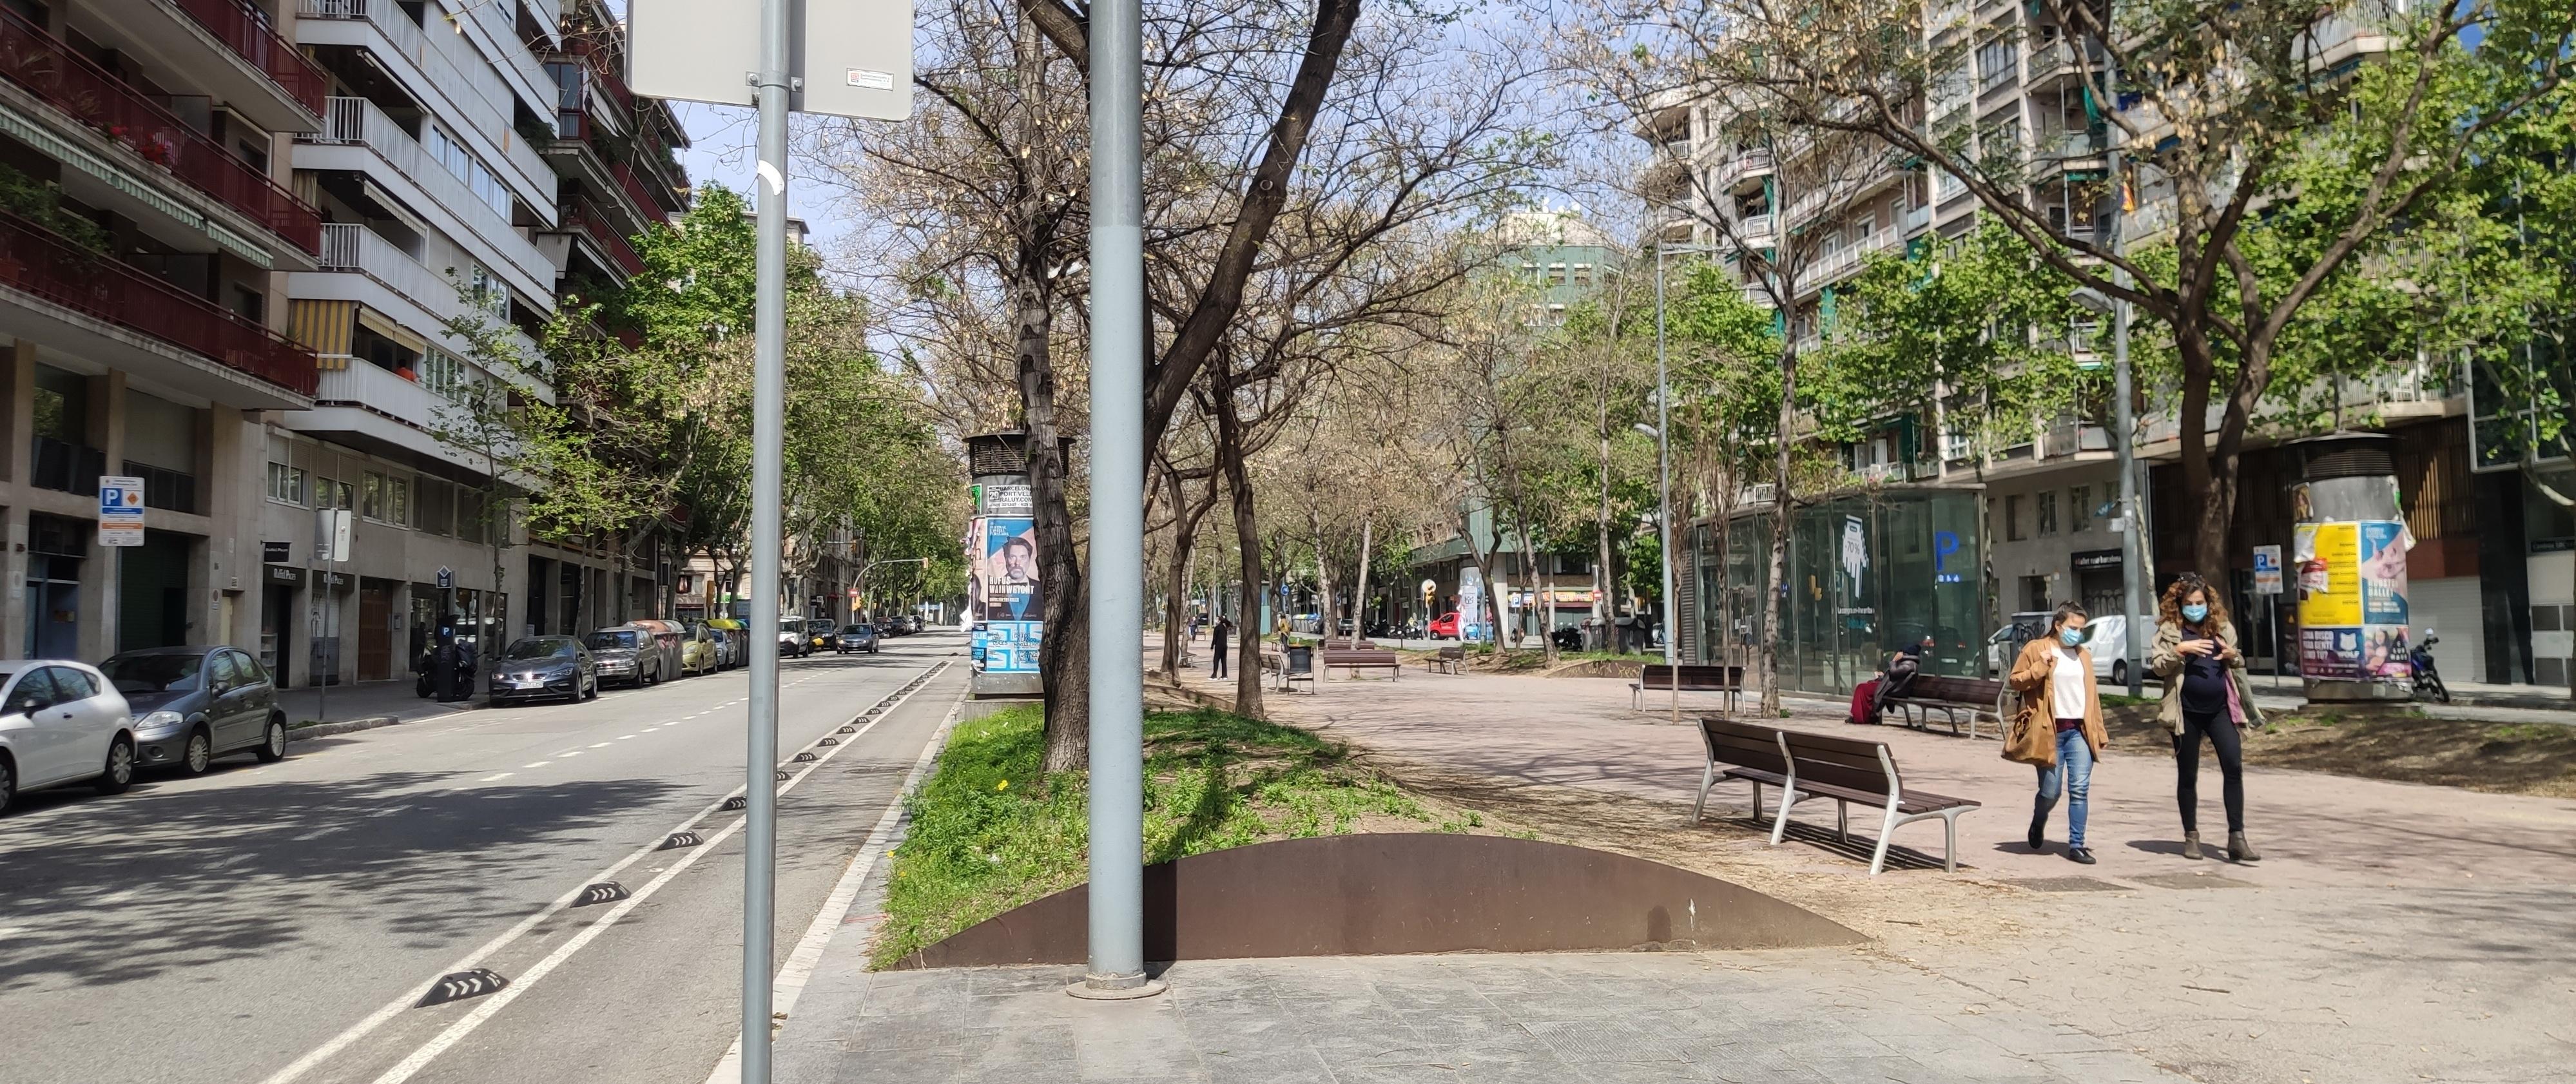 Foto: Carles Martín